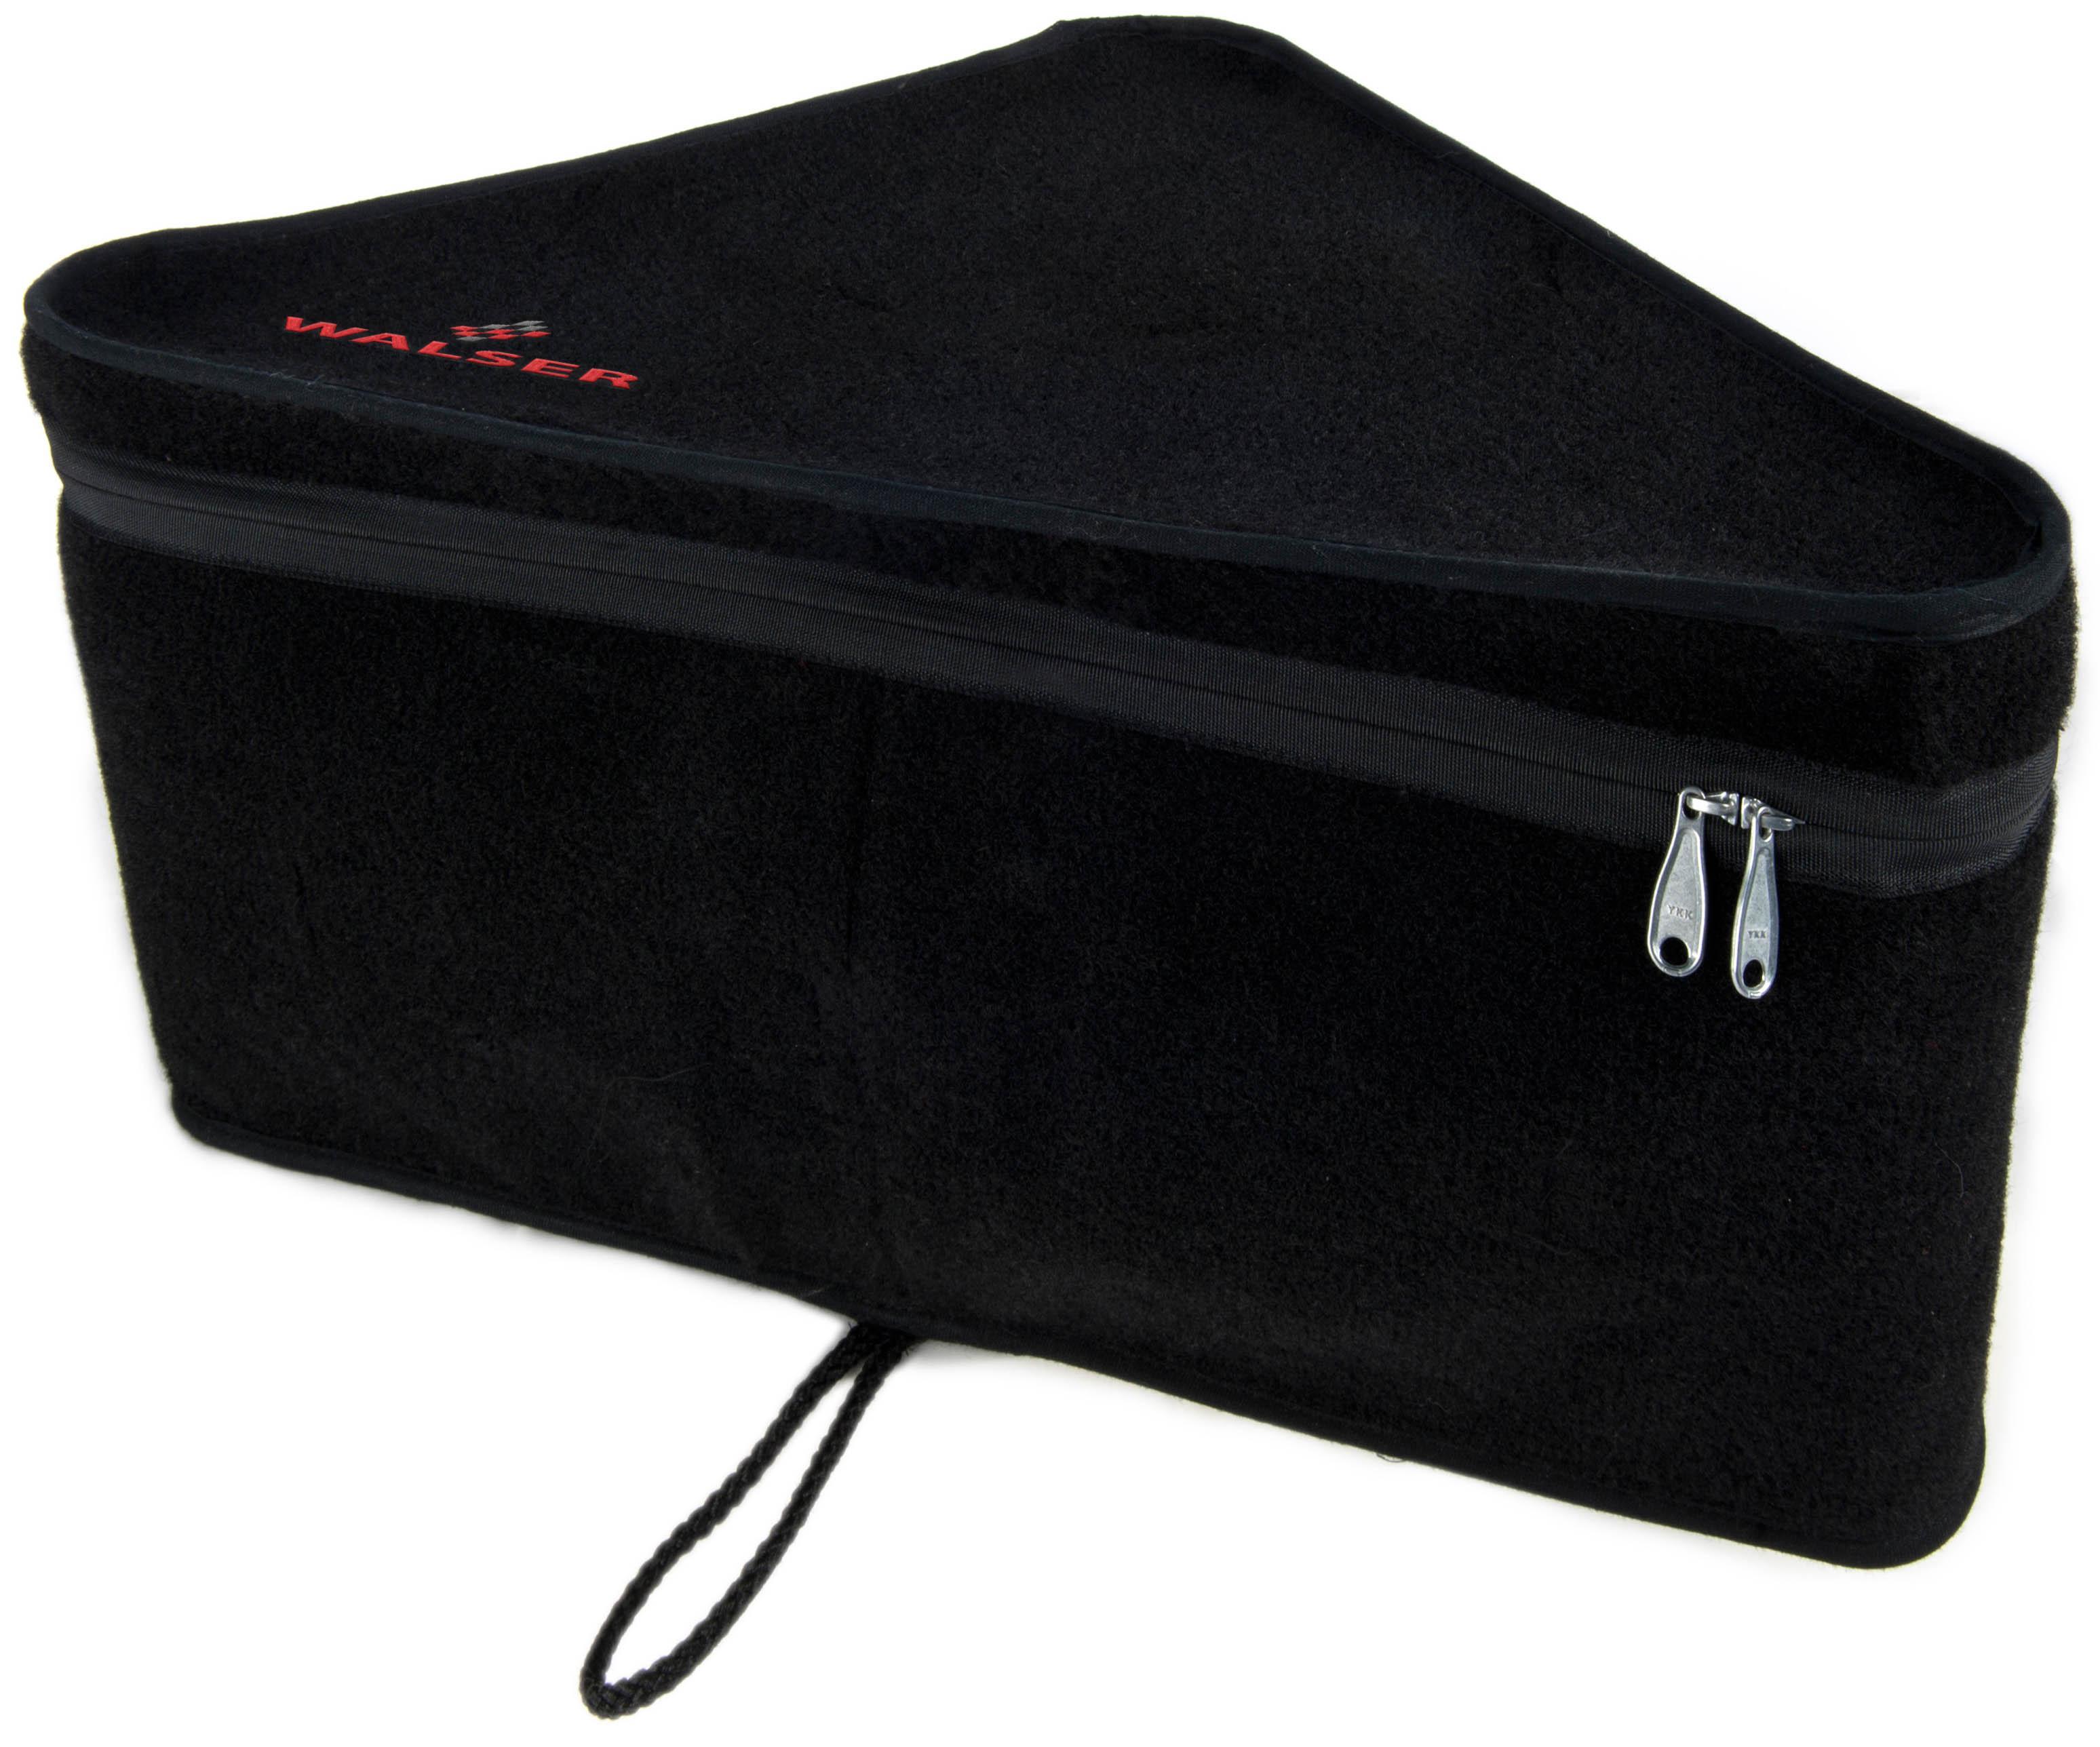 Gepäcktasche, Gepäckkorb 30118 WALSER 30118 in Original Qualität